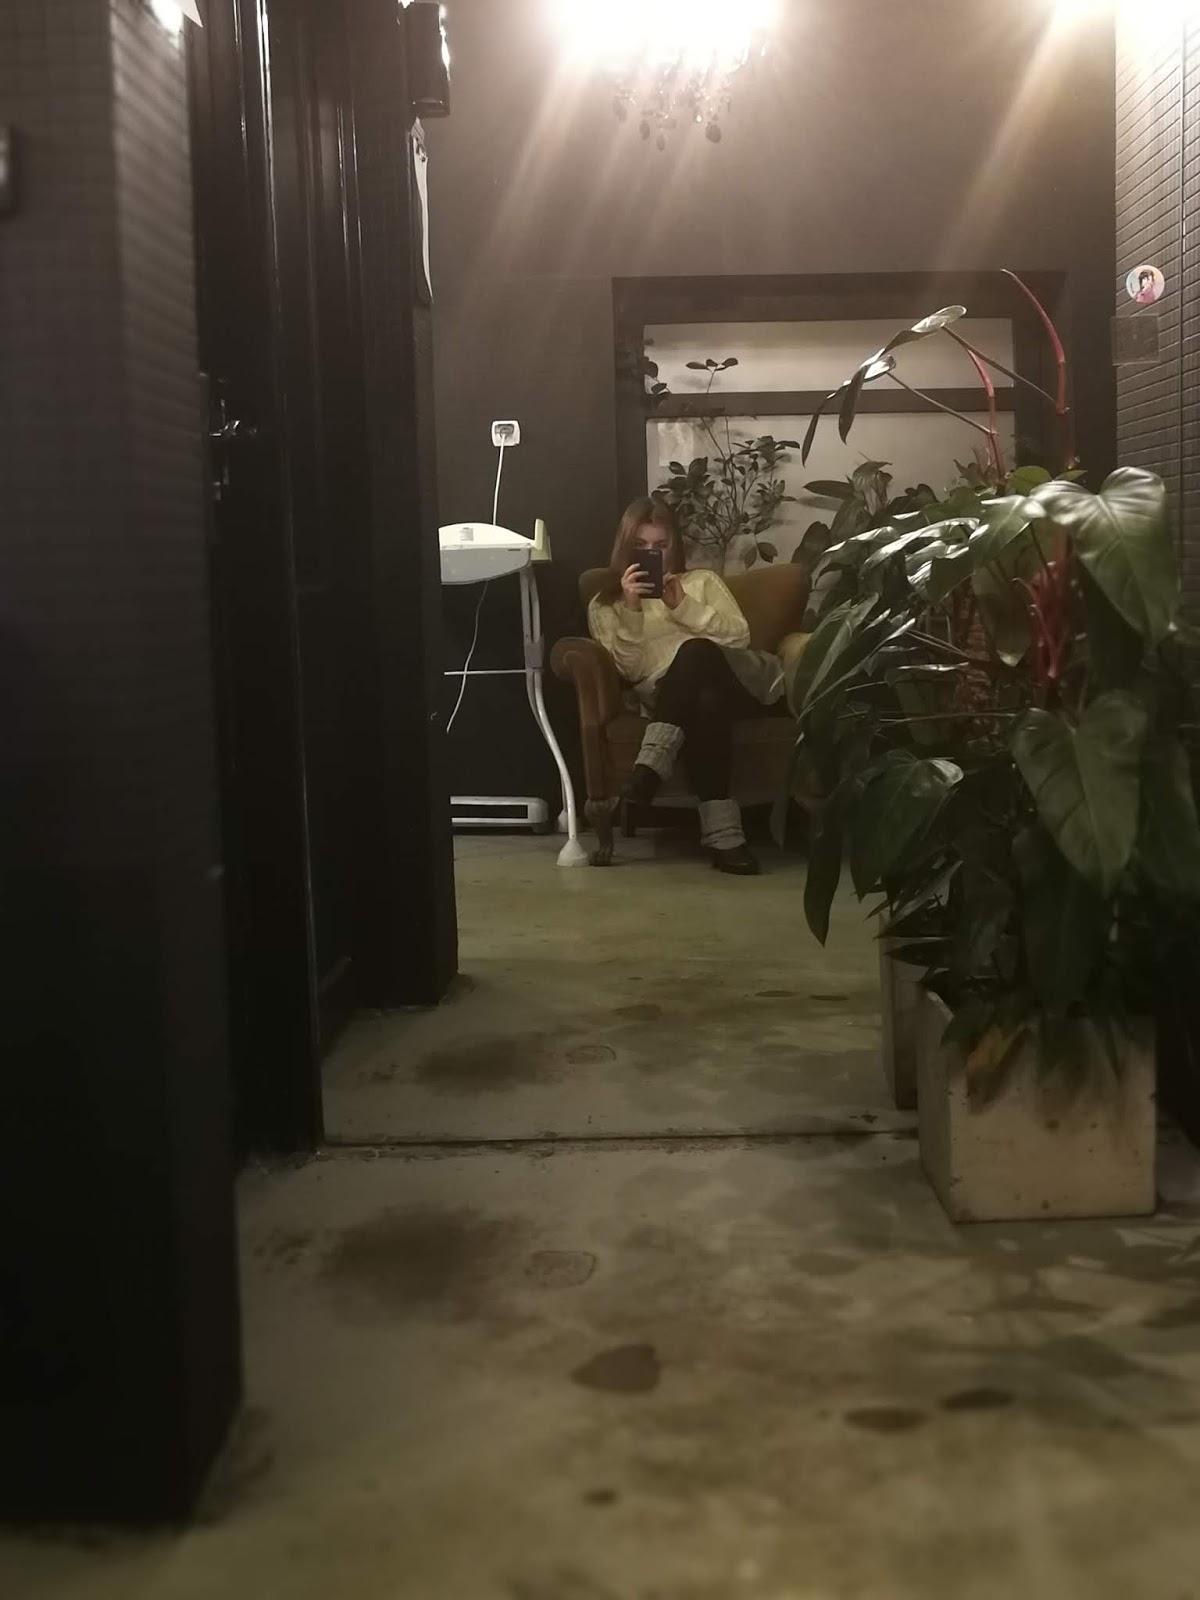 niechlujne randki w mieszkaniu cyrano / agencja randkowa flower boy / 2013